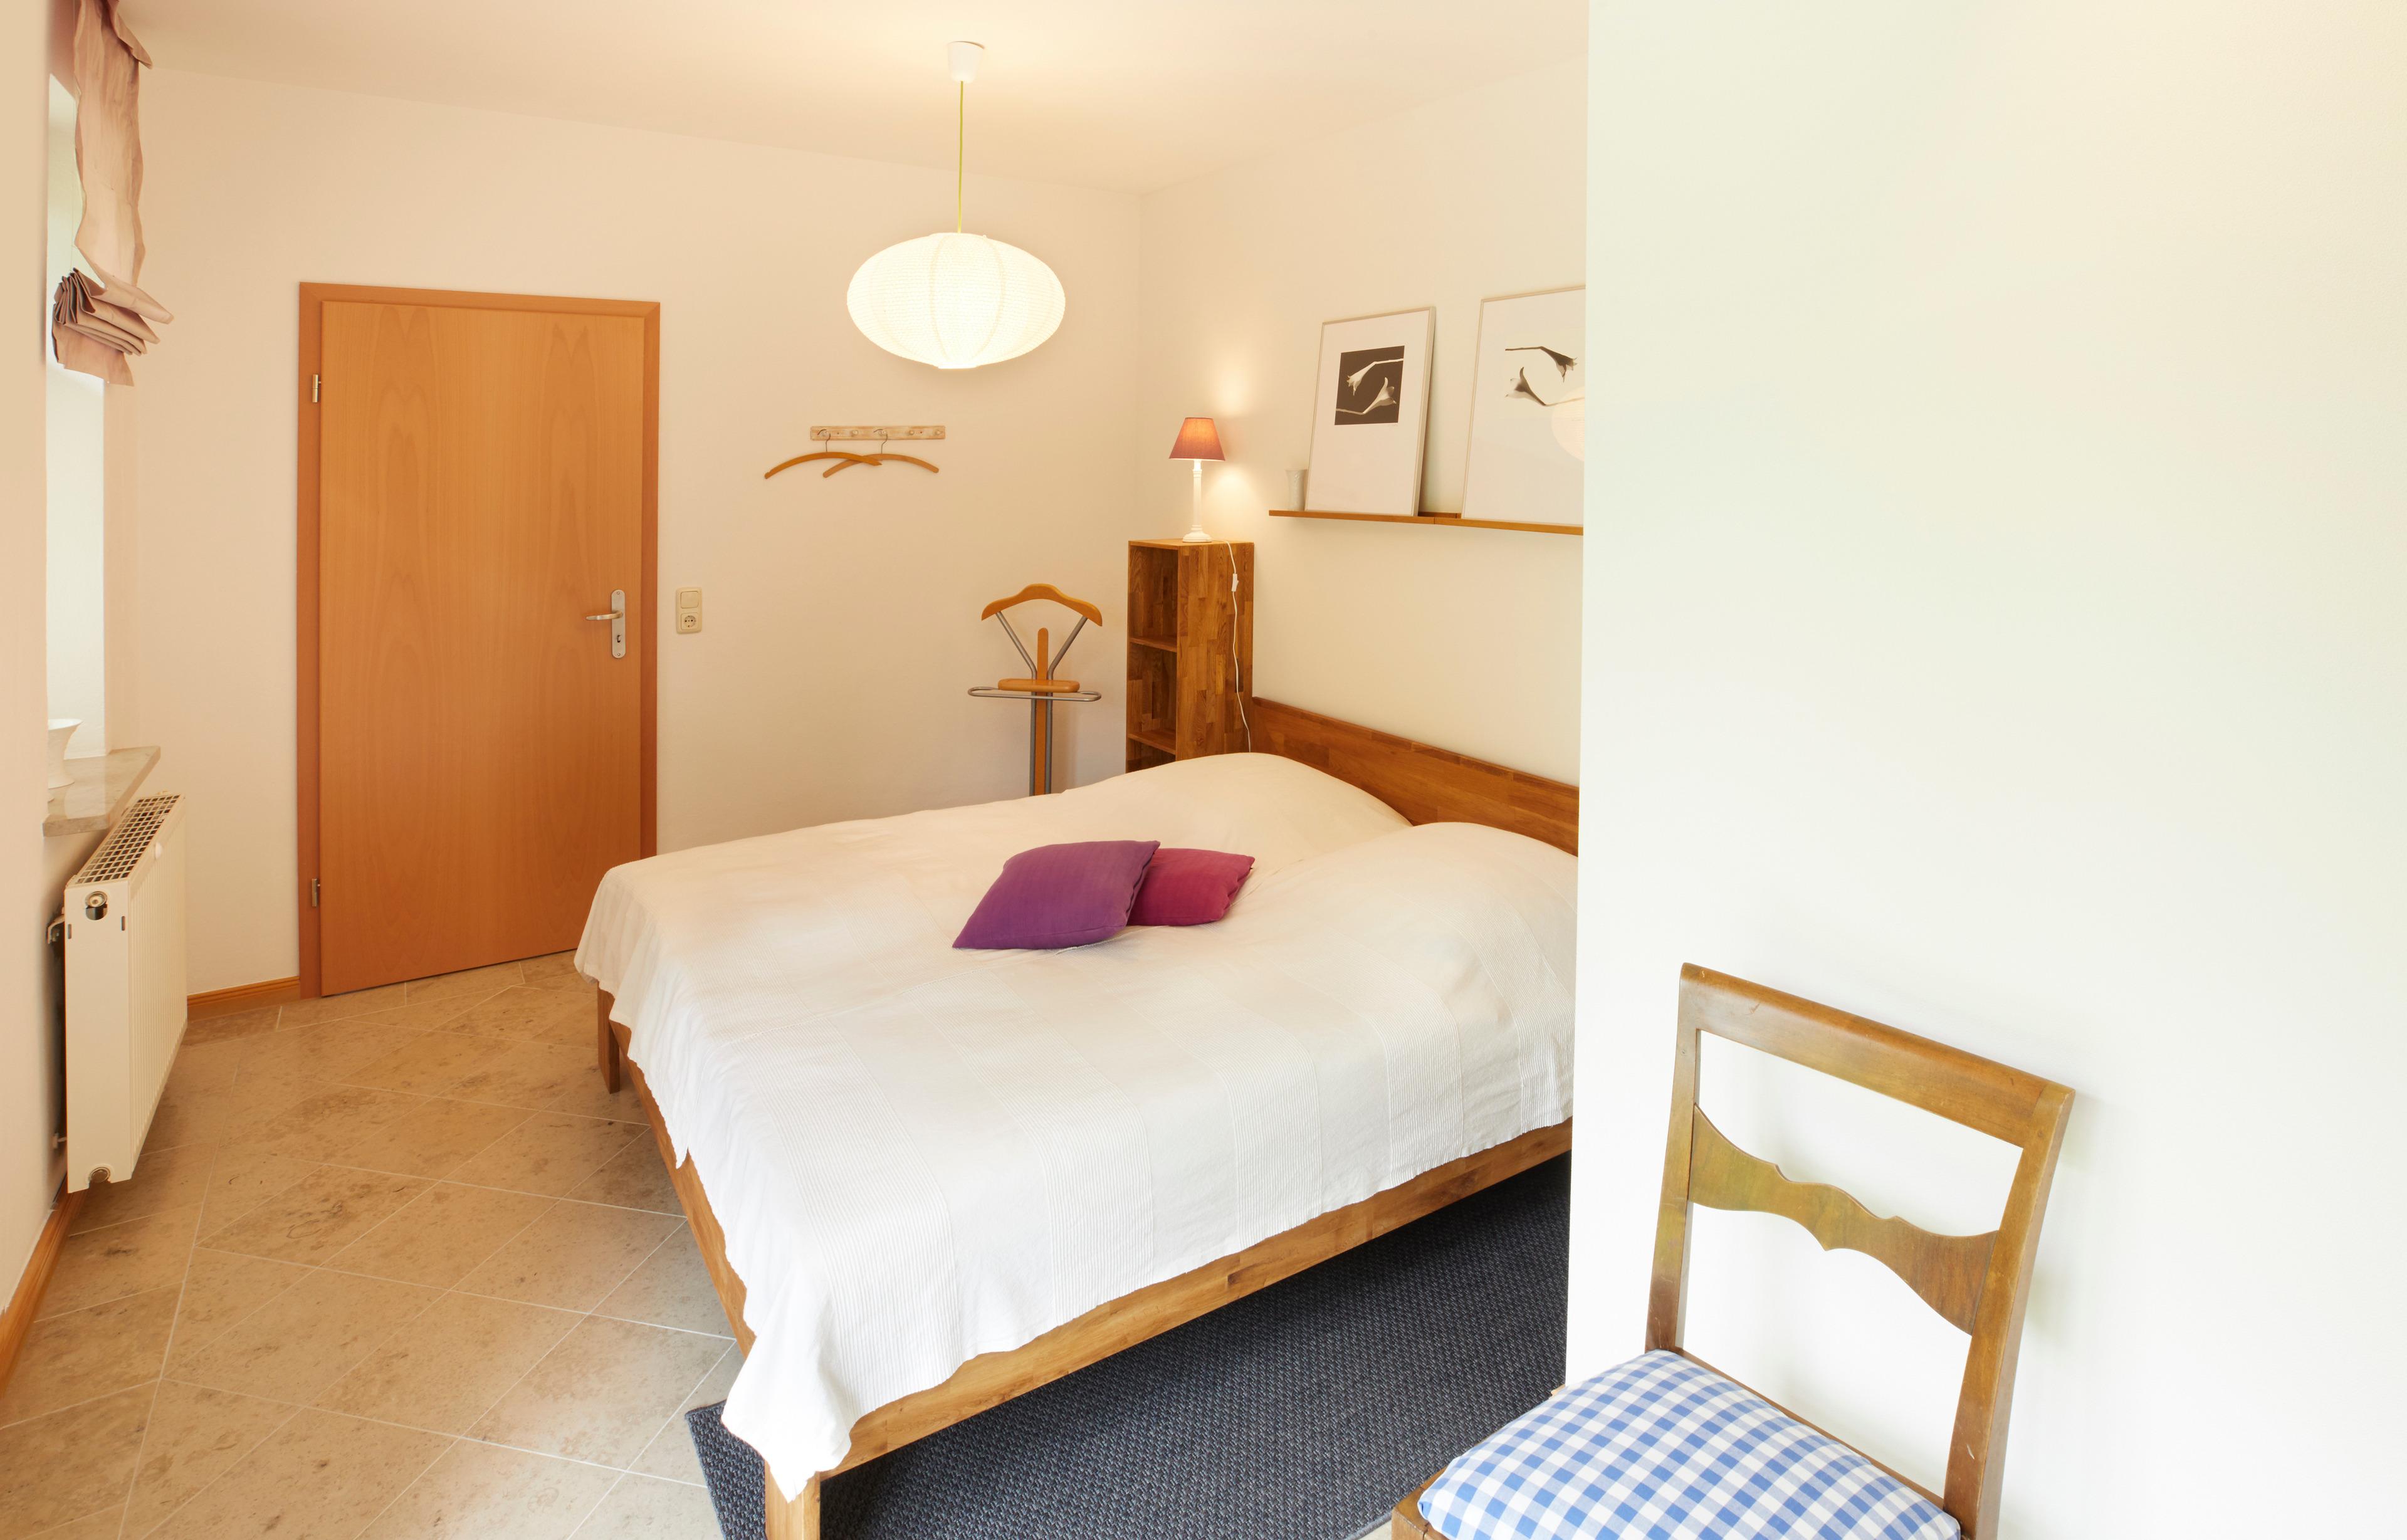 Ferienhaus Gartenvilla unten (2655541), Lutzhorn, Schleswig-Holstein Binnenland, Schleswig-Holstein, Deutschland, Bild 8